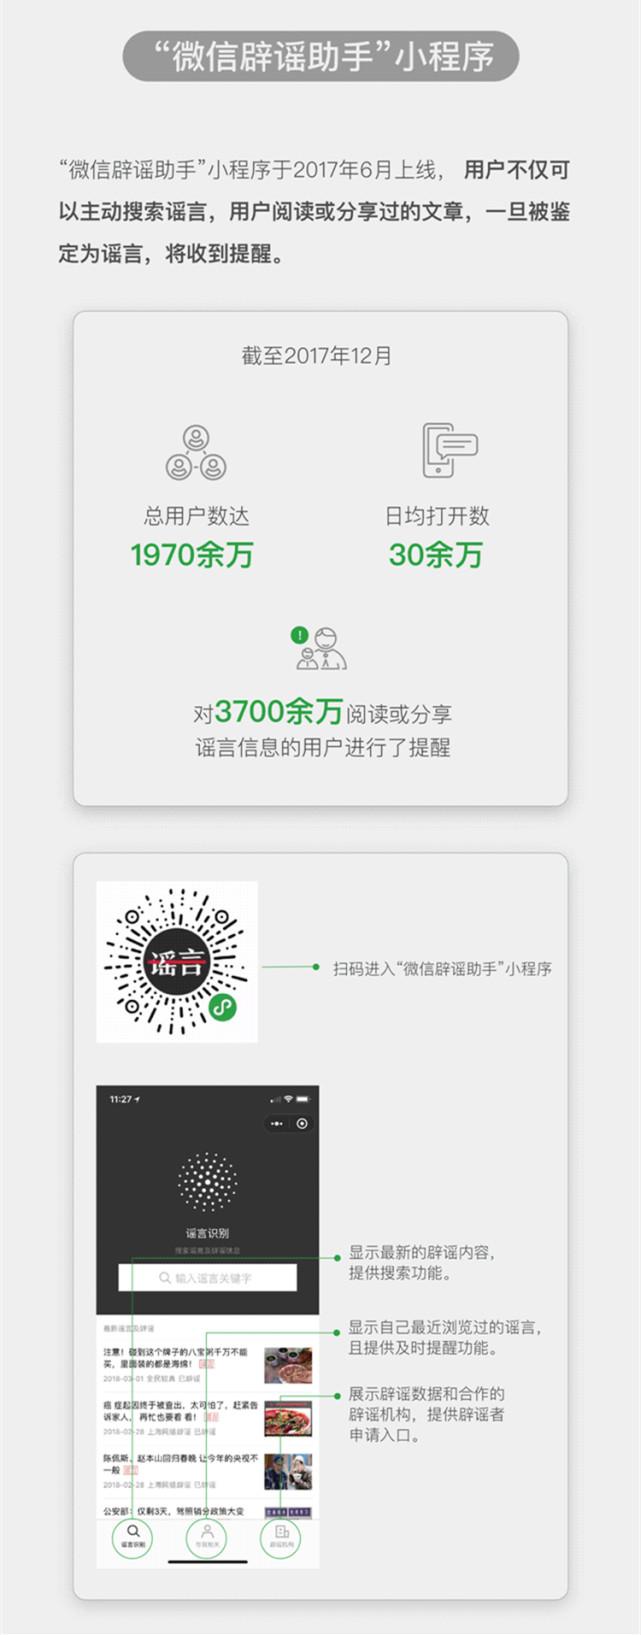 微信发布谣言治理报告:辟谣中心全年科普4.9亿次